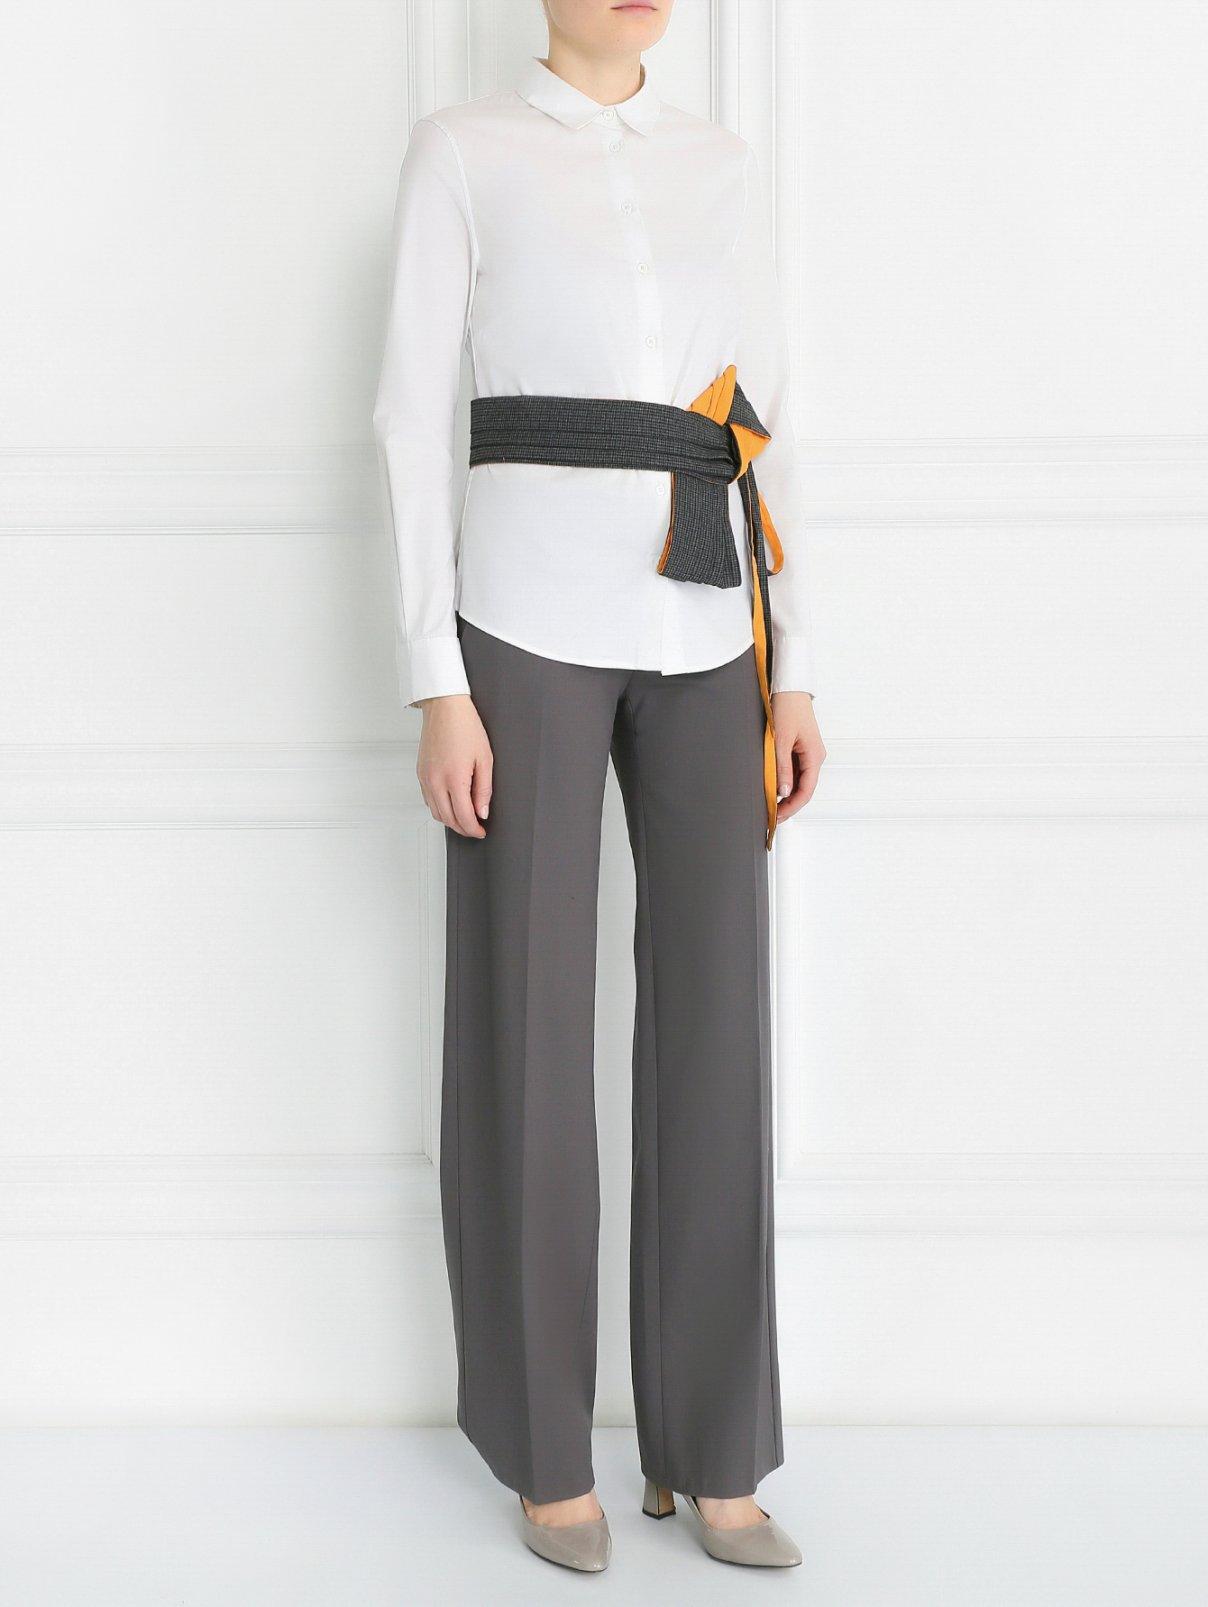 Пояс из текстиля Antonio Marras  –  Модель Общий вид  – Цвет:  Серый